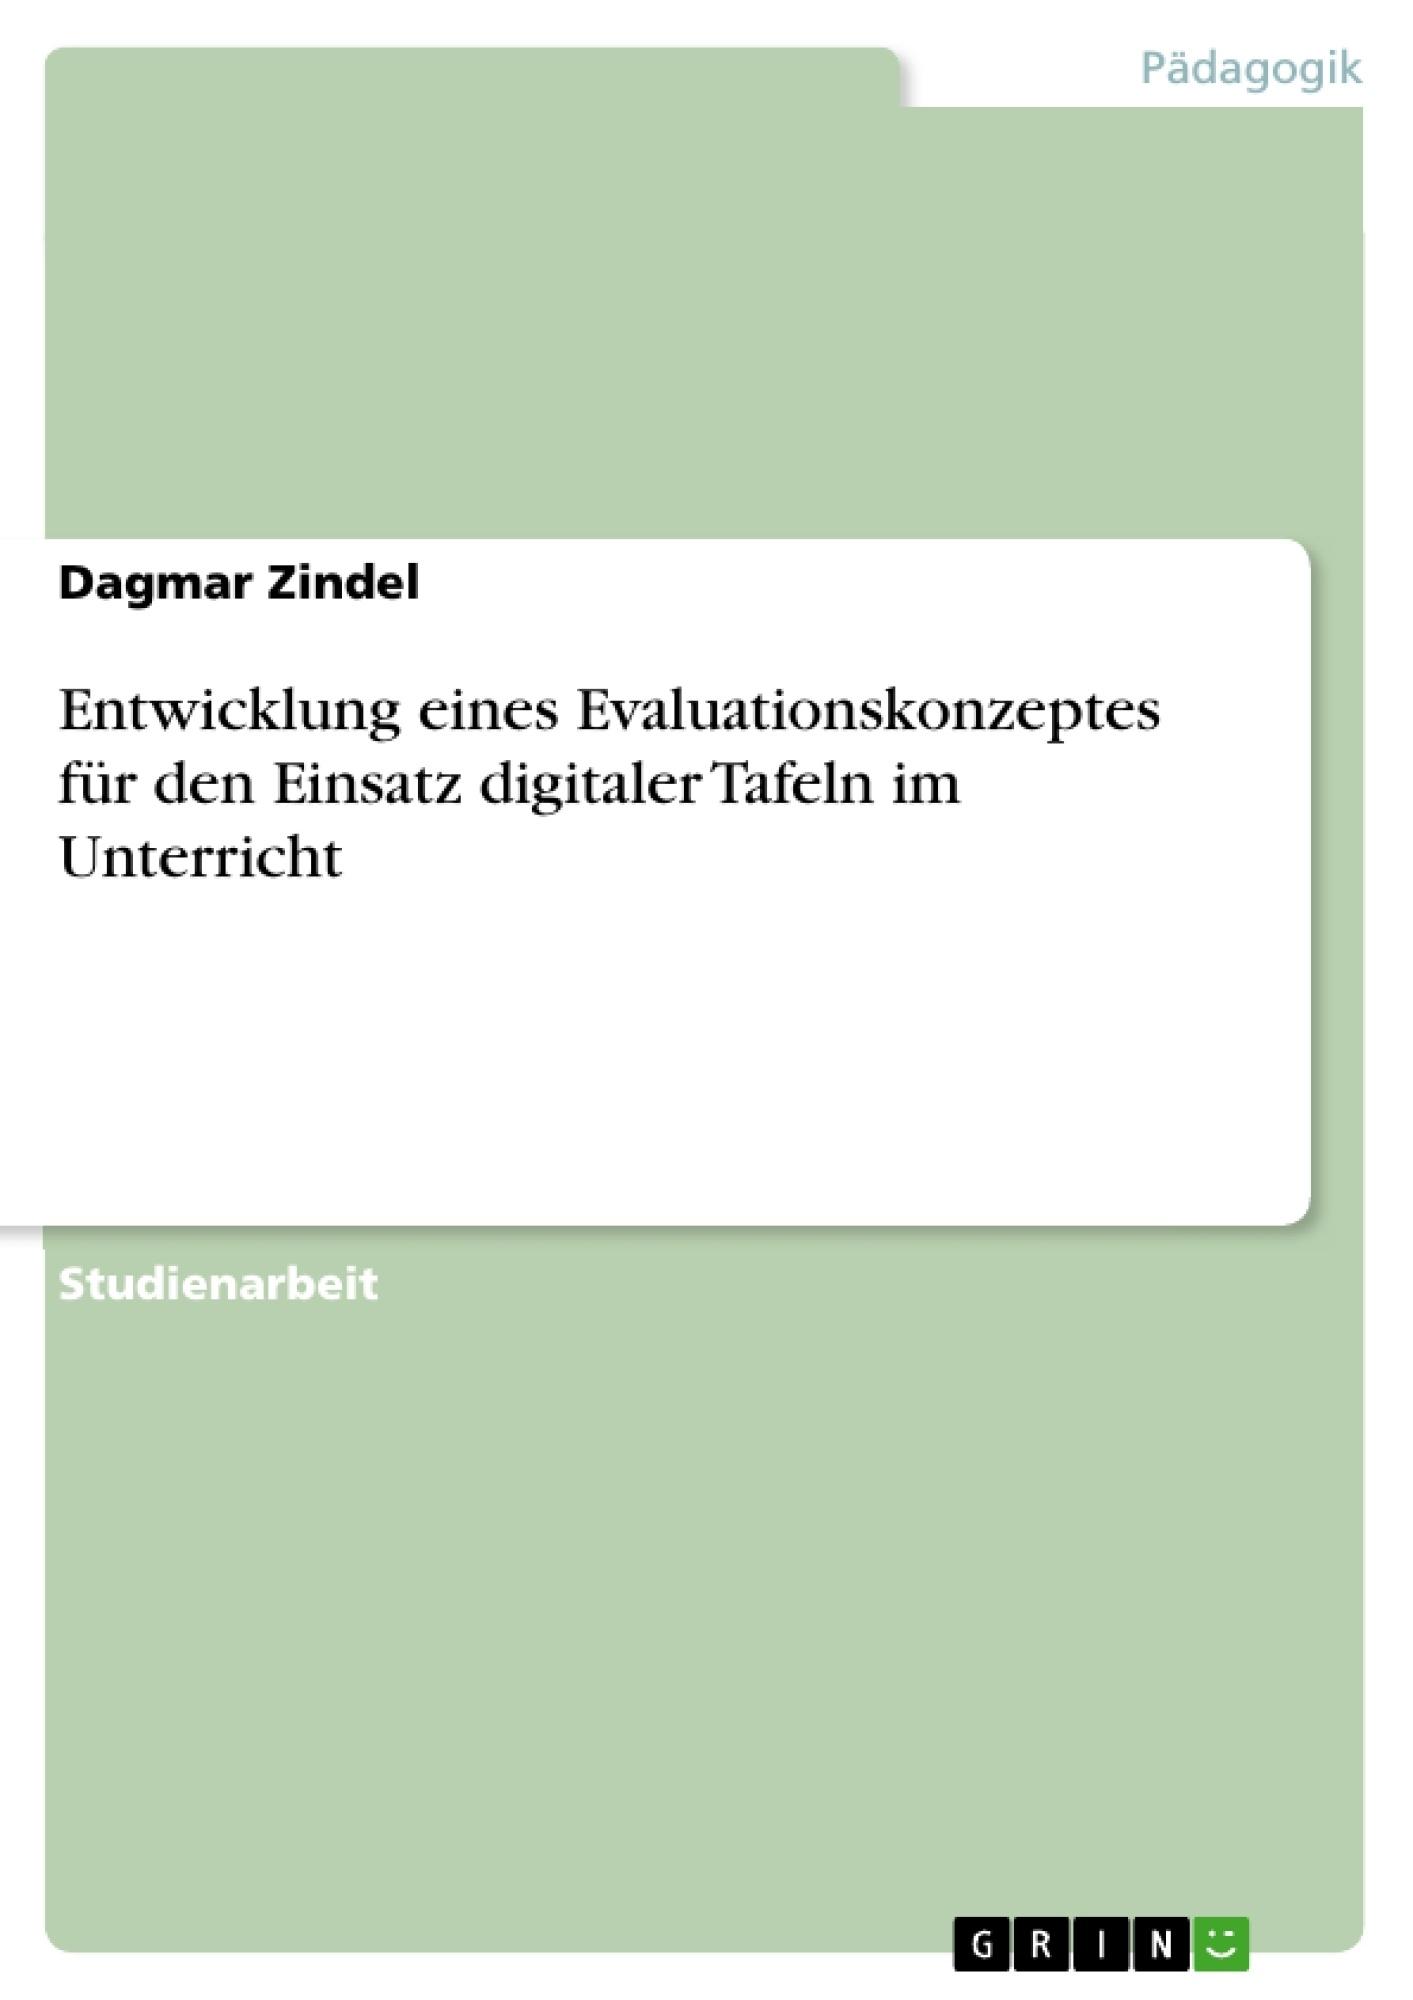 Titel: Entwicklung eines Evaluationskonzeptes für den  Einsatz digitaler Tafeln im Unterricht